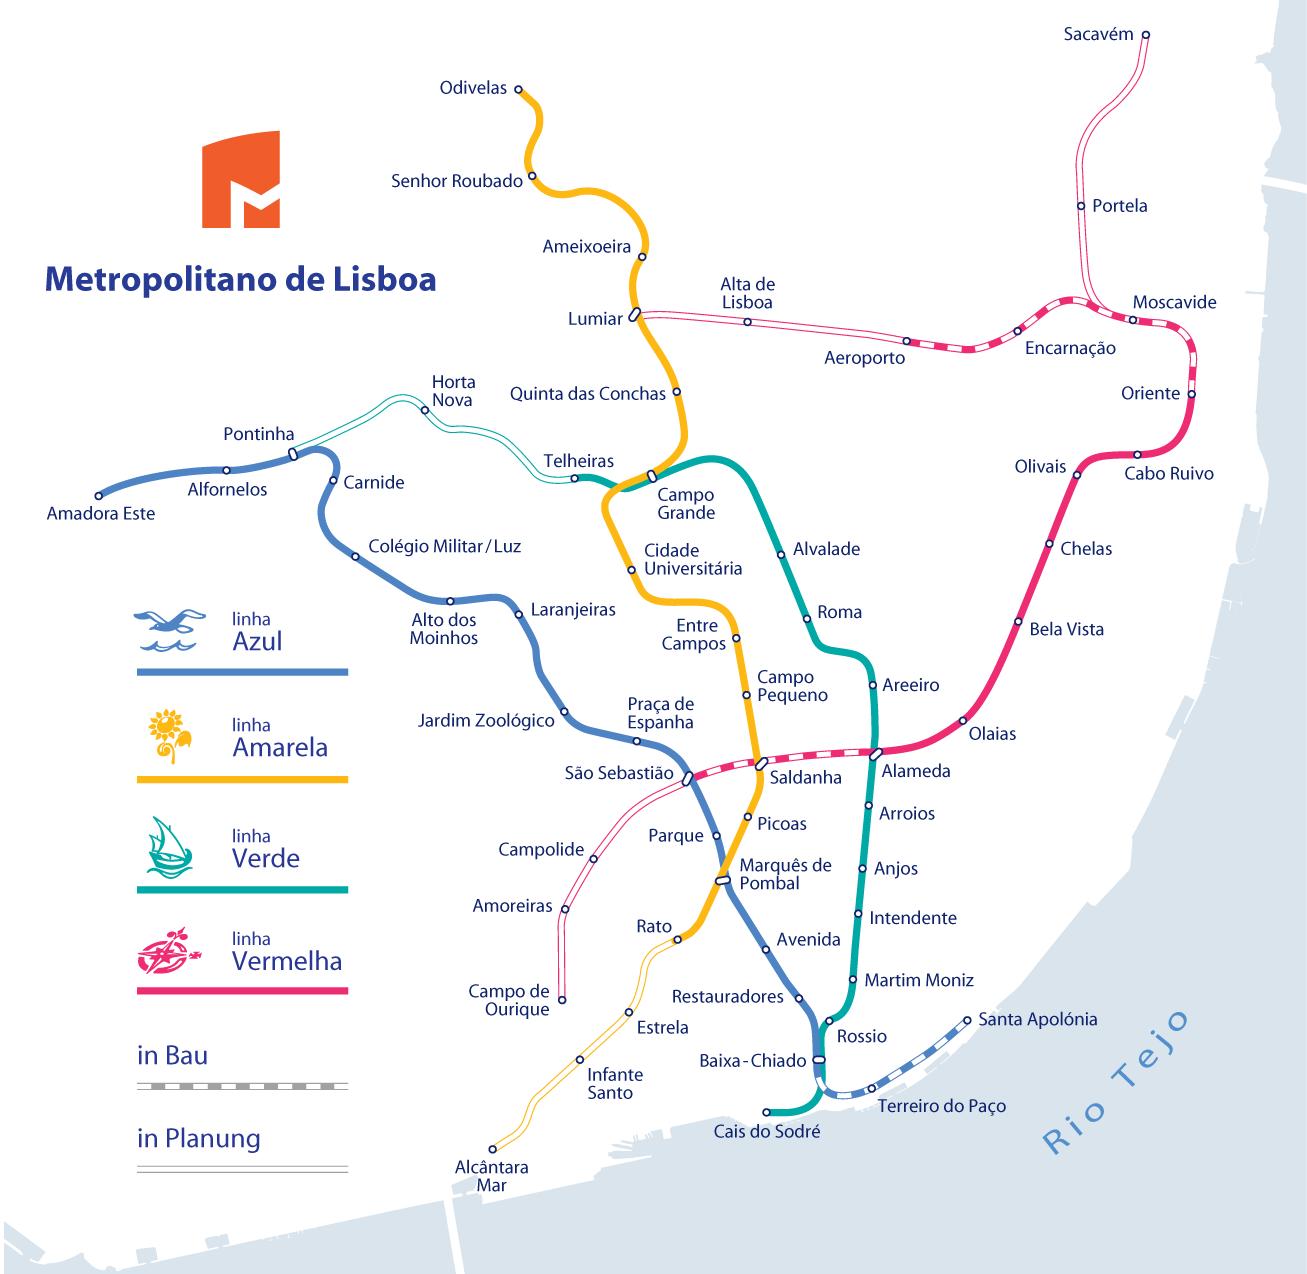 Metro de Lisboa - Guia de Sobrevivência: Info, Mapas, Dicas 10